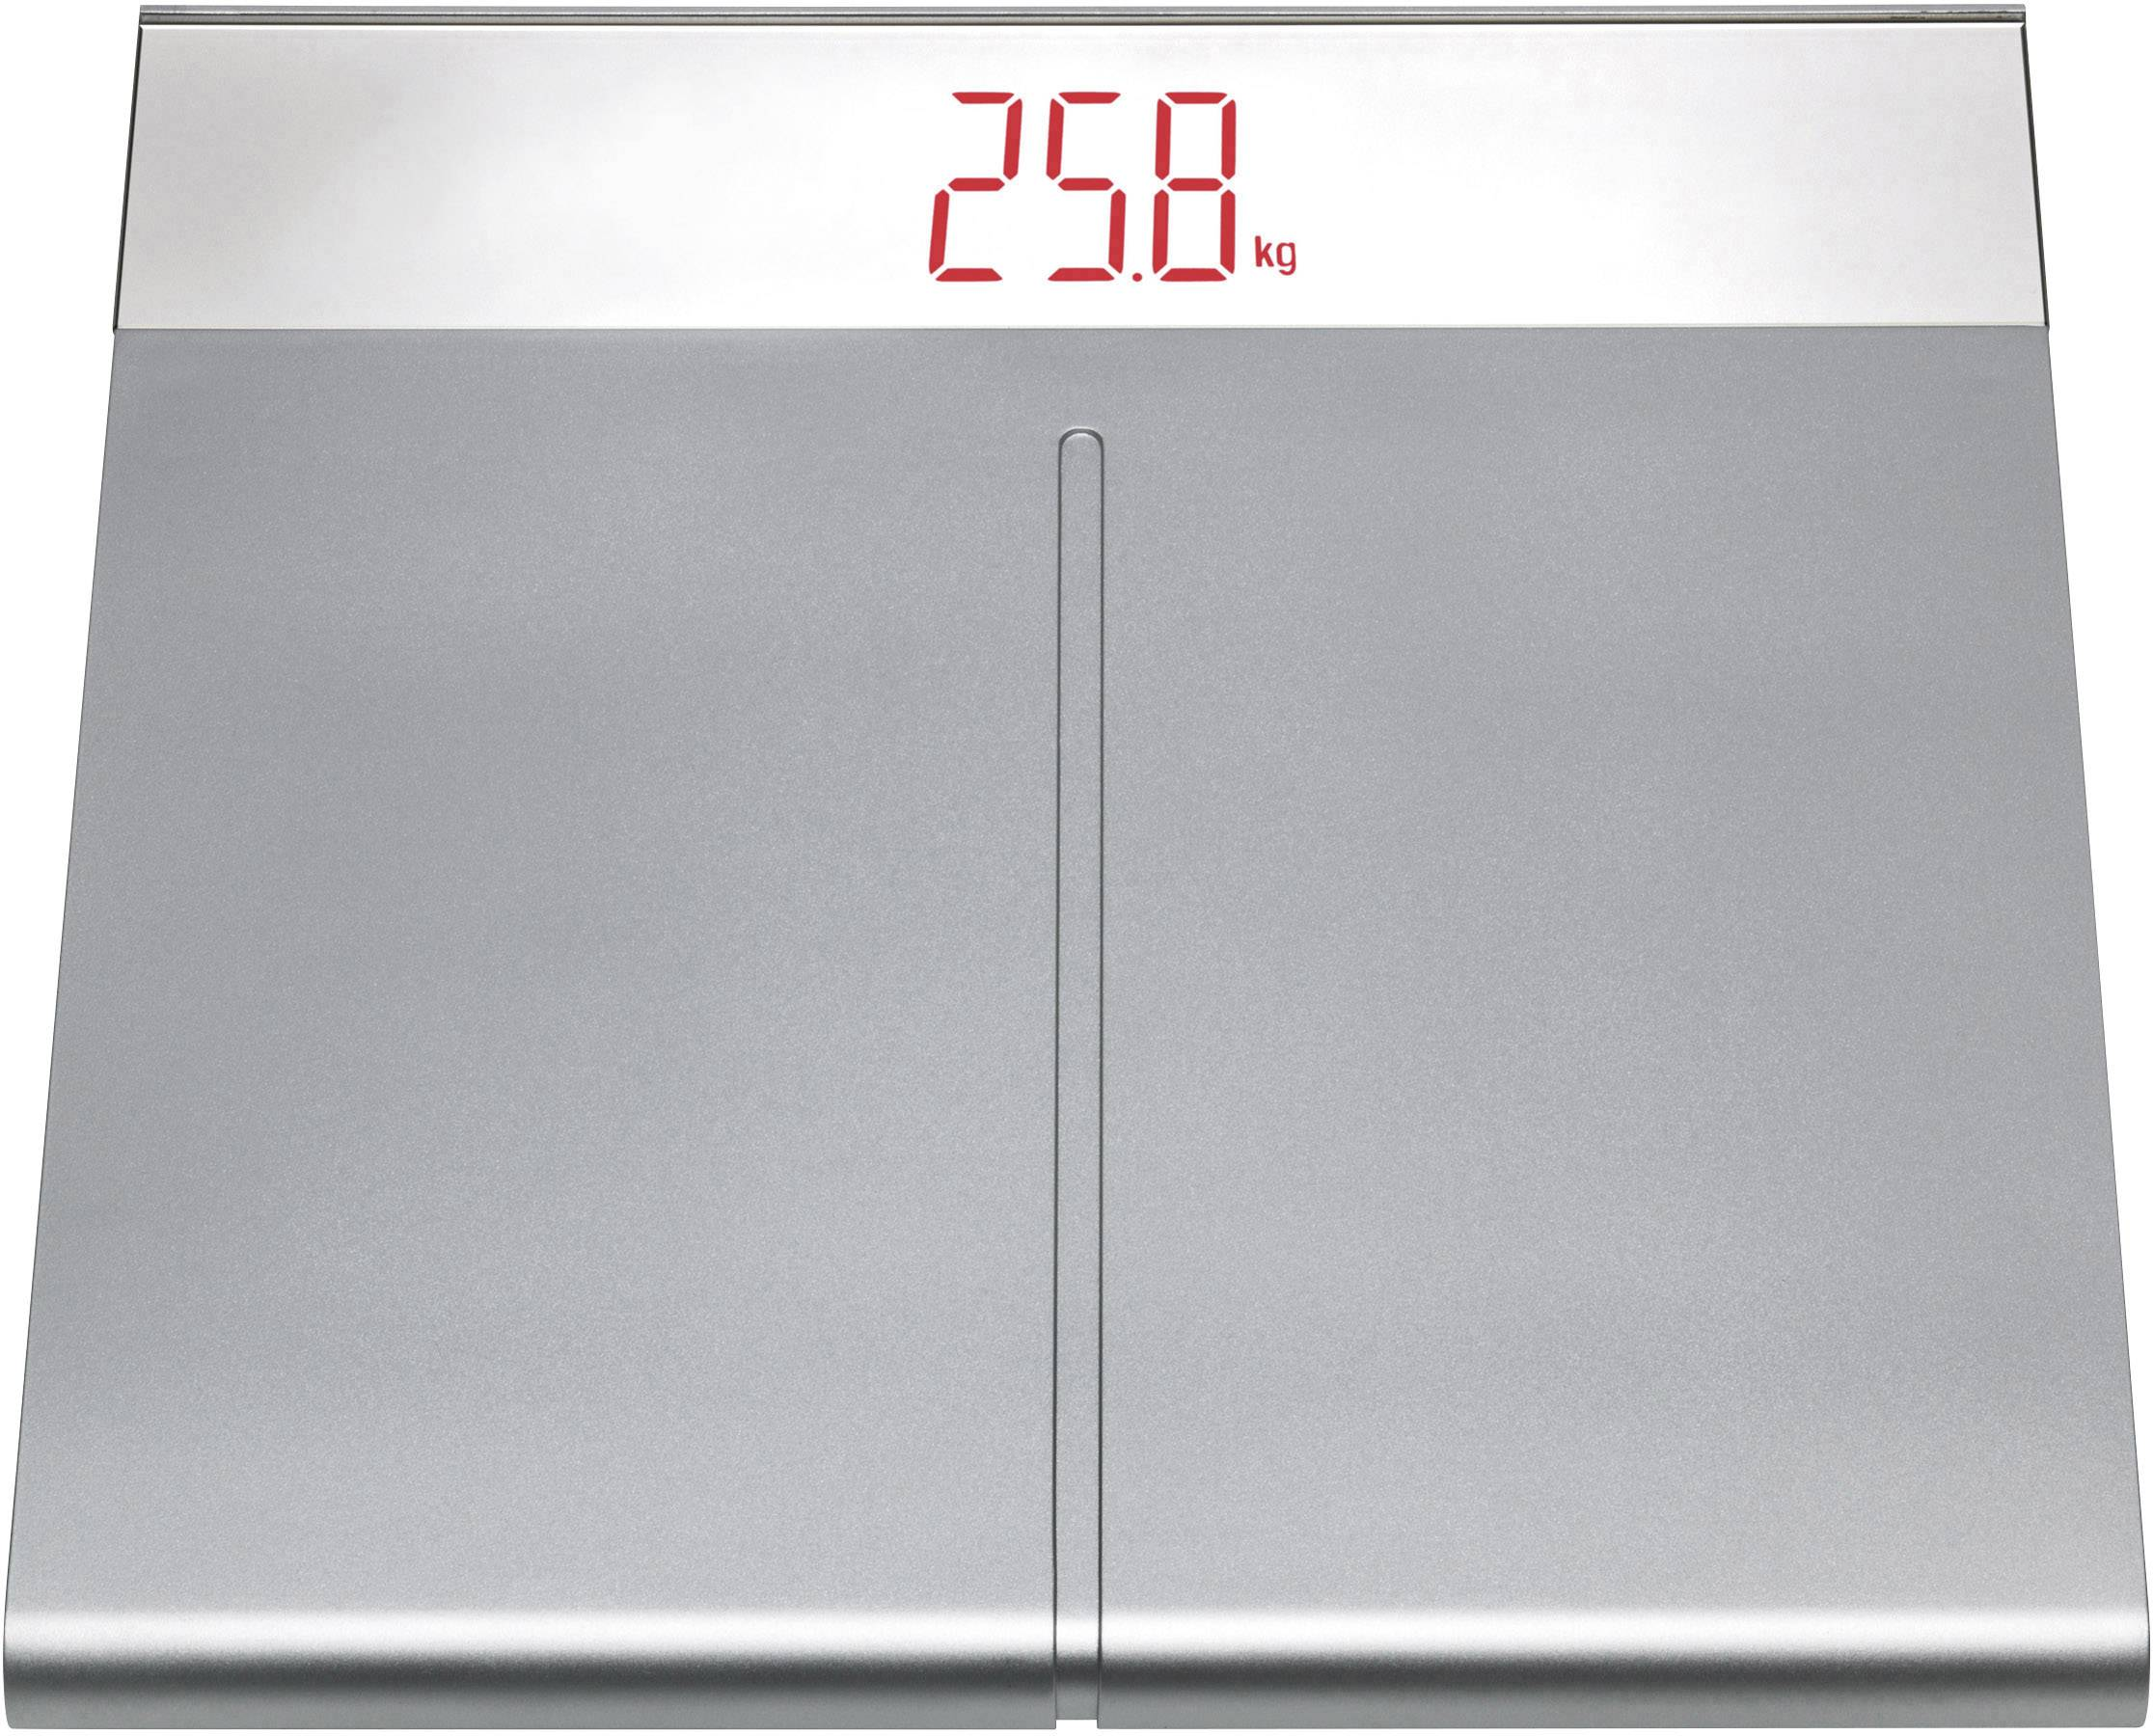 Osobní váha TFA 50.1001.54, 150 kg, stříbrná